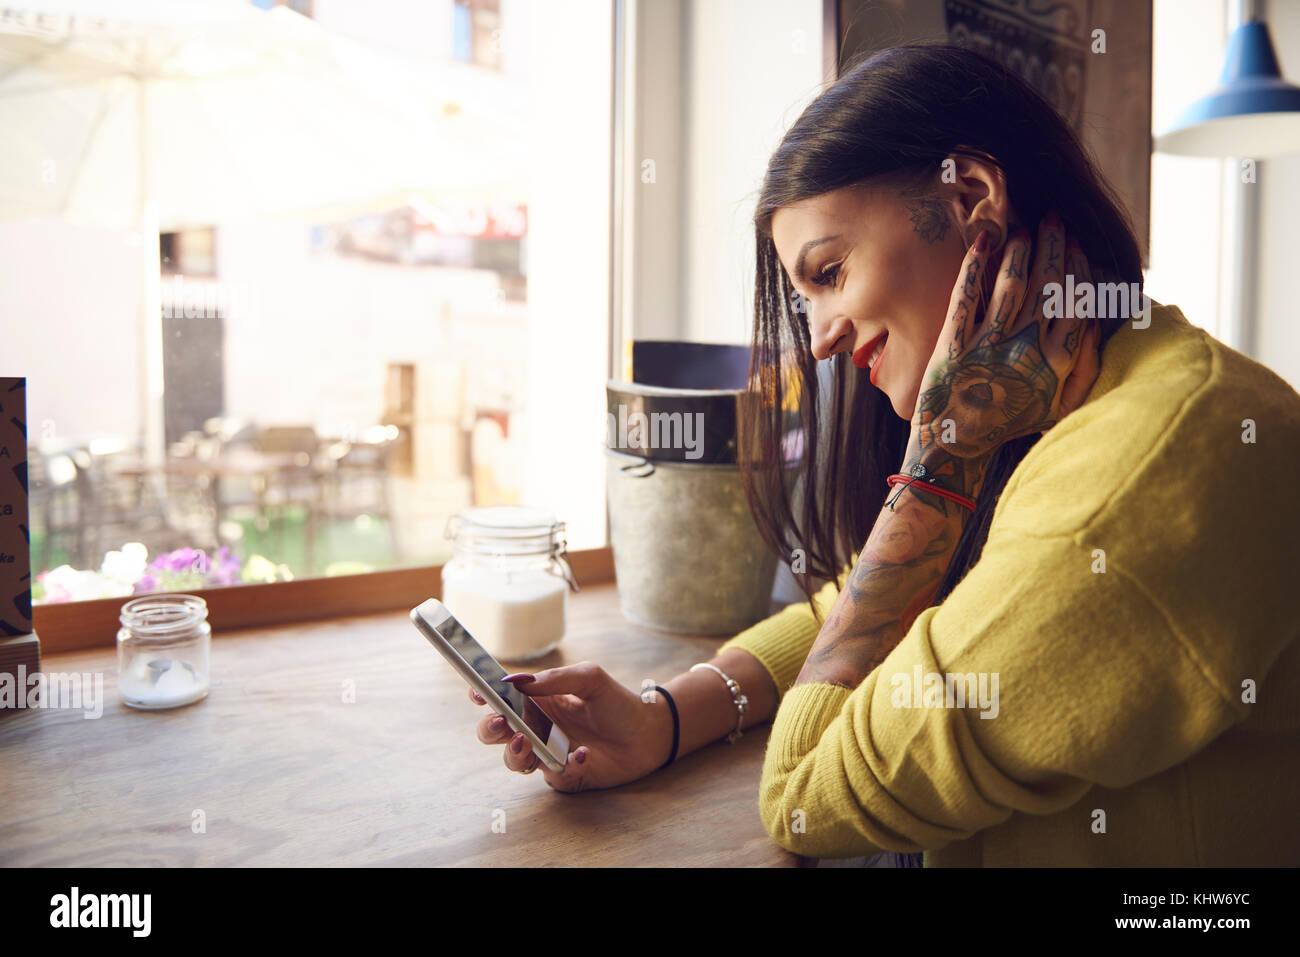 Giovane donna seduta al cafe, utilizza lo smartphone, tatuaggi sul braccio e sulla mano Immagini Stock